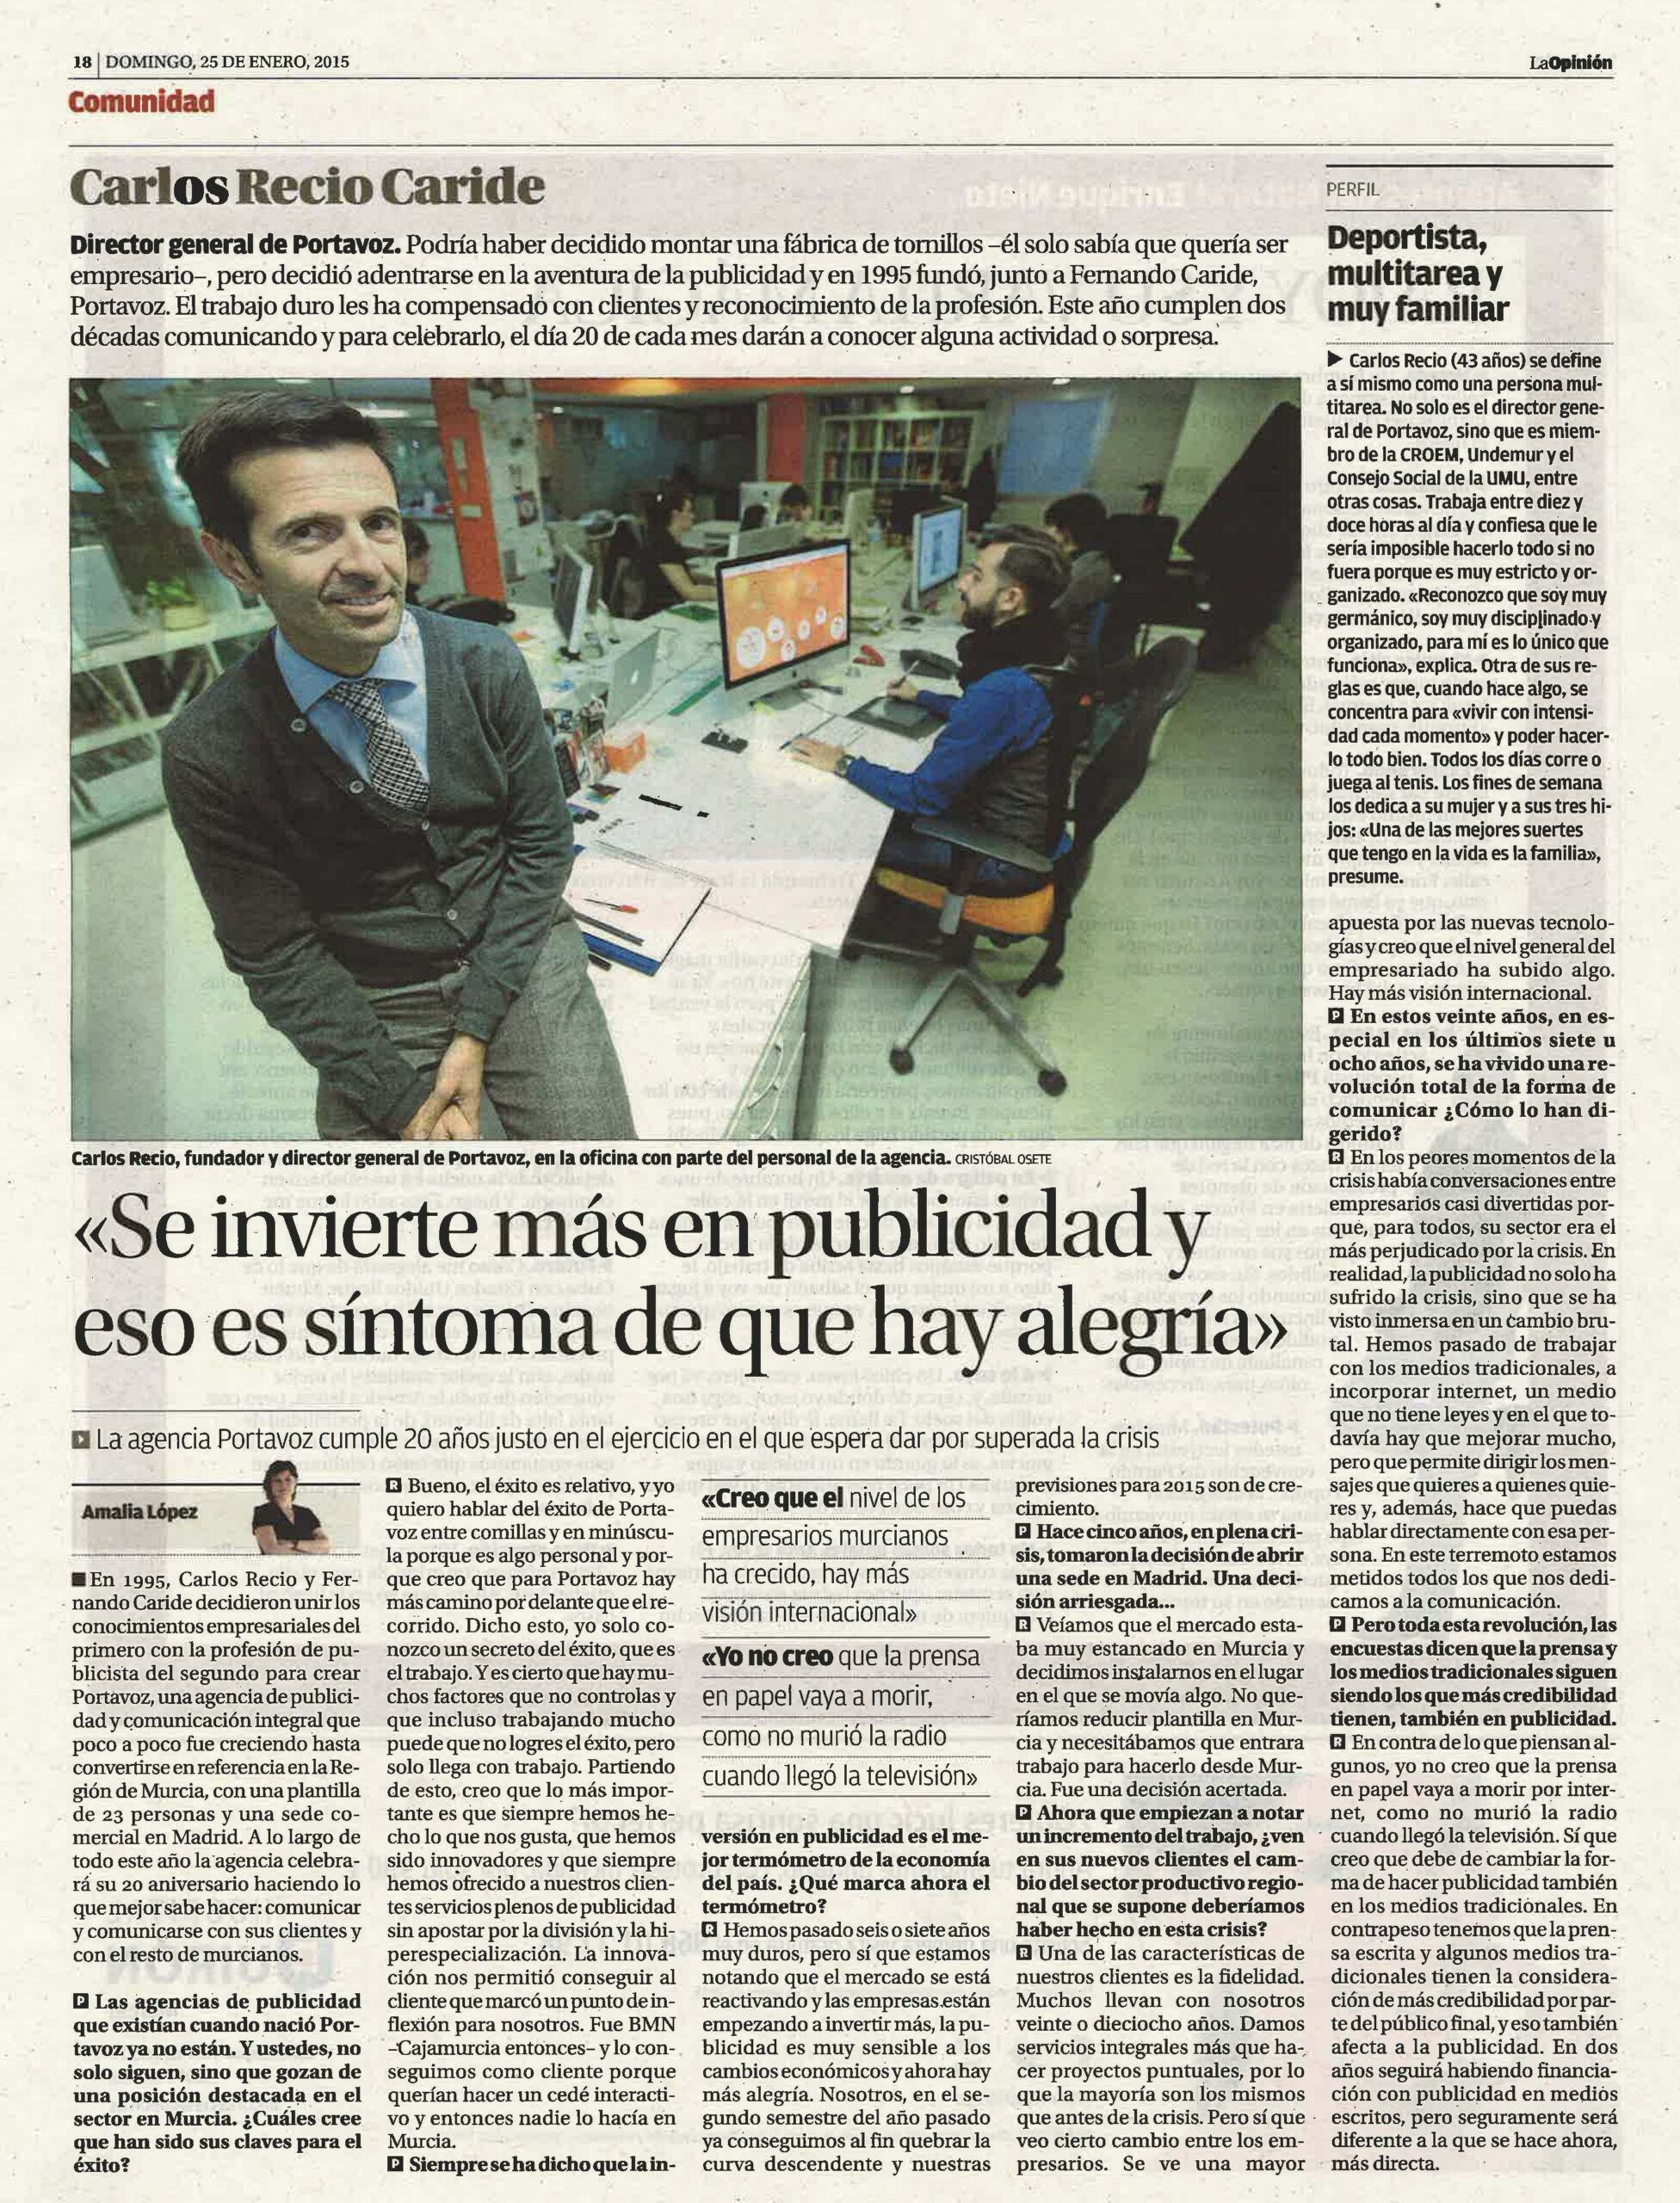 LO 25-1-15 Carlos Recio